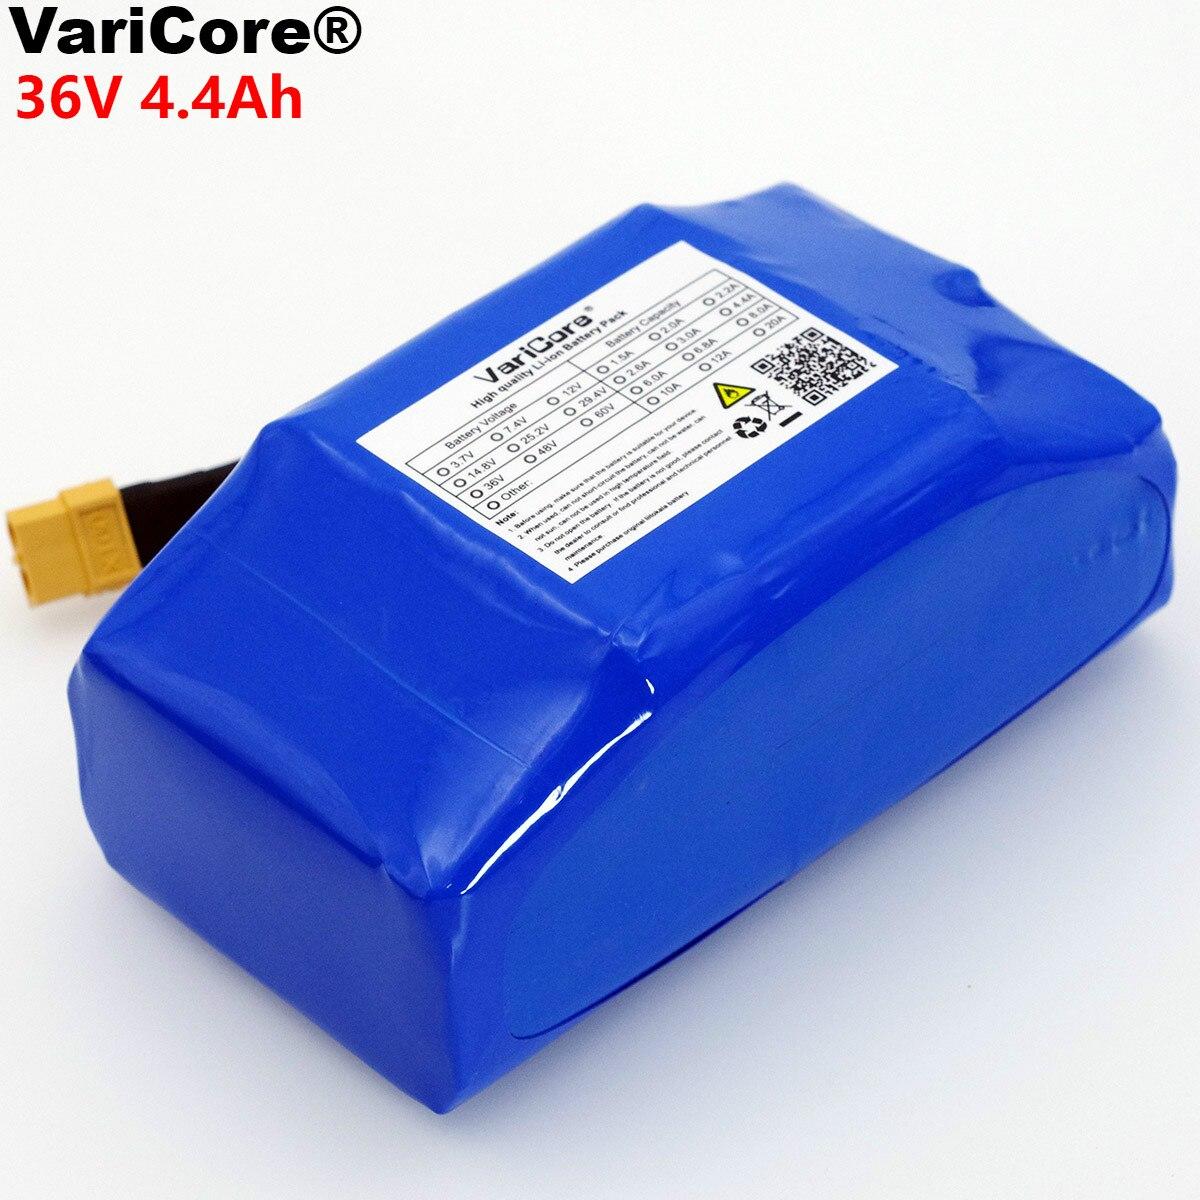 VariCore 36 v 4.4Ah 4400 mah alta drenagem 2 roda scooter elétrico auto balanceamento de 18650 bateria de lítio para Auto -equilíbrio Se Encaixa